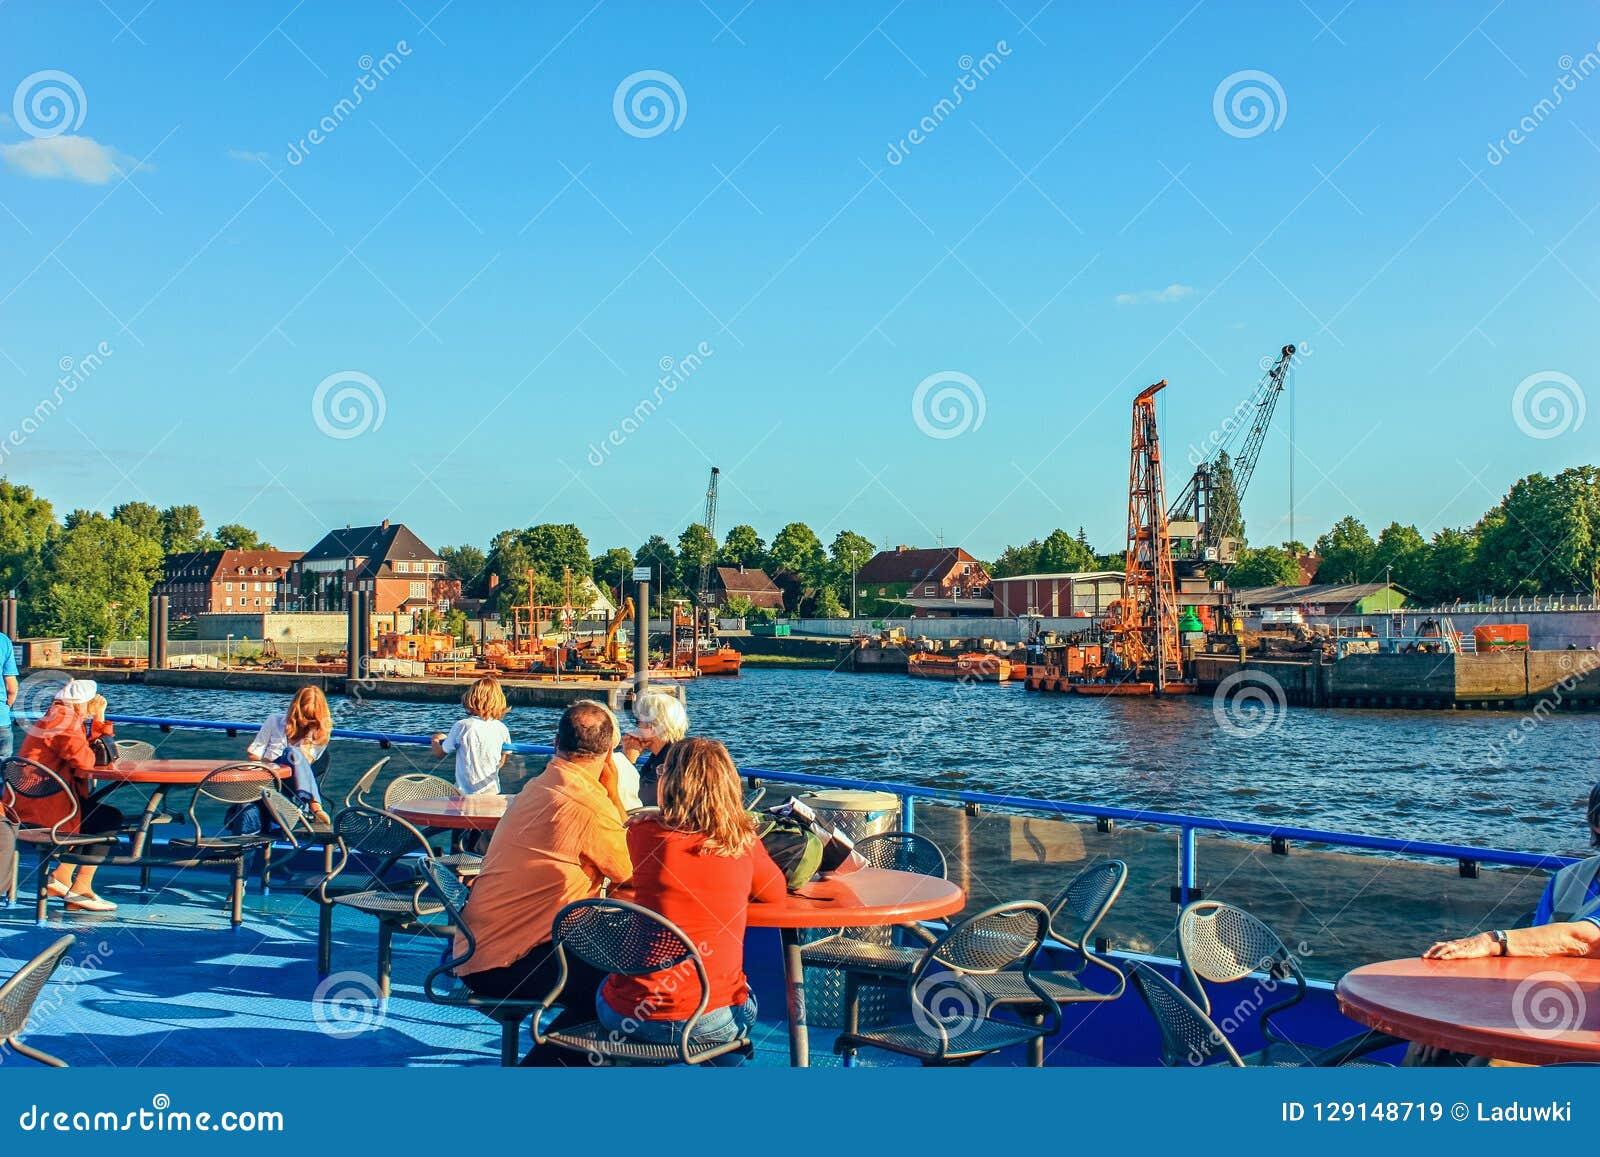 Balsas do transporte público do rio e ônibus do rio do passageiro em rotas no Elbe River Hamburgo Alemanha